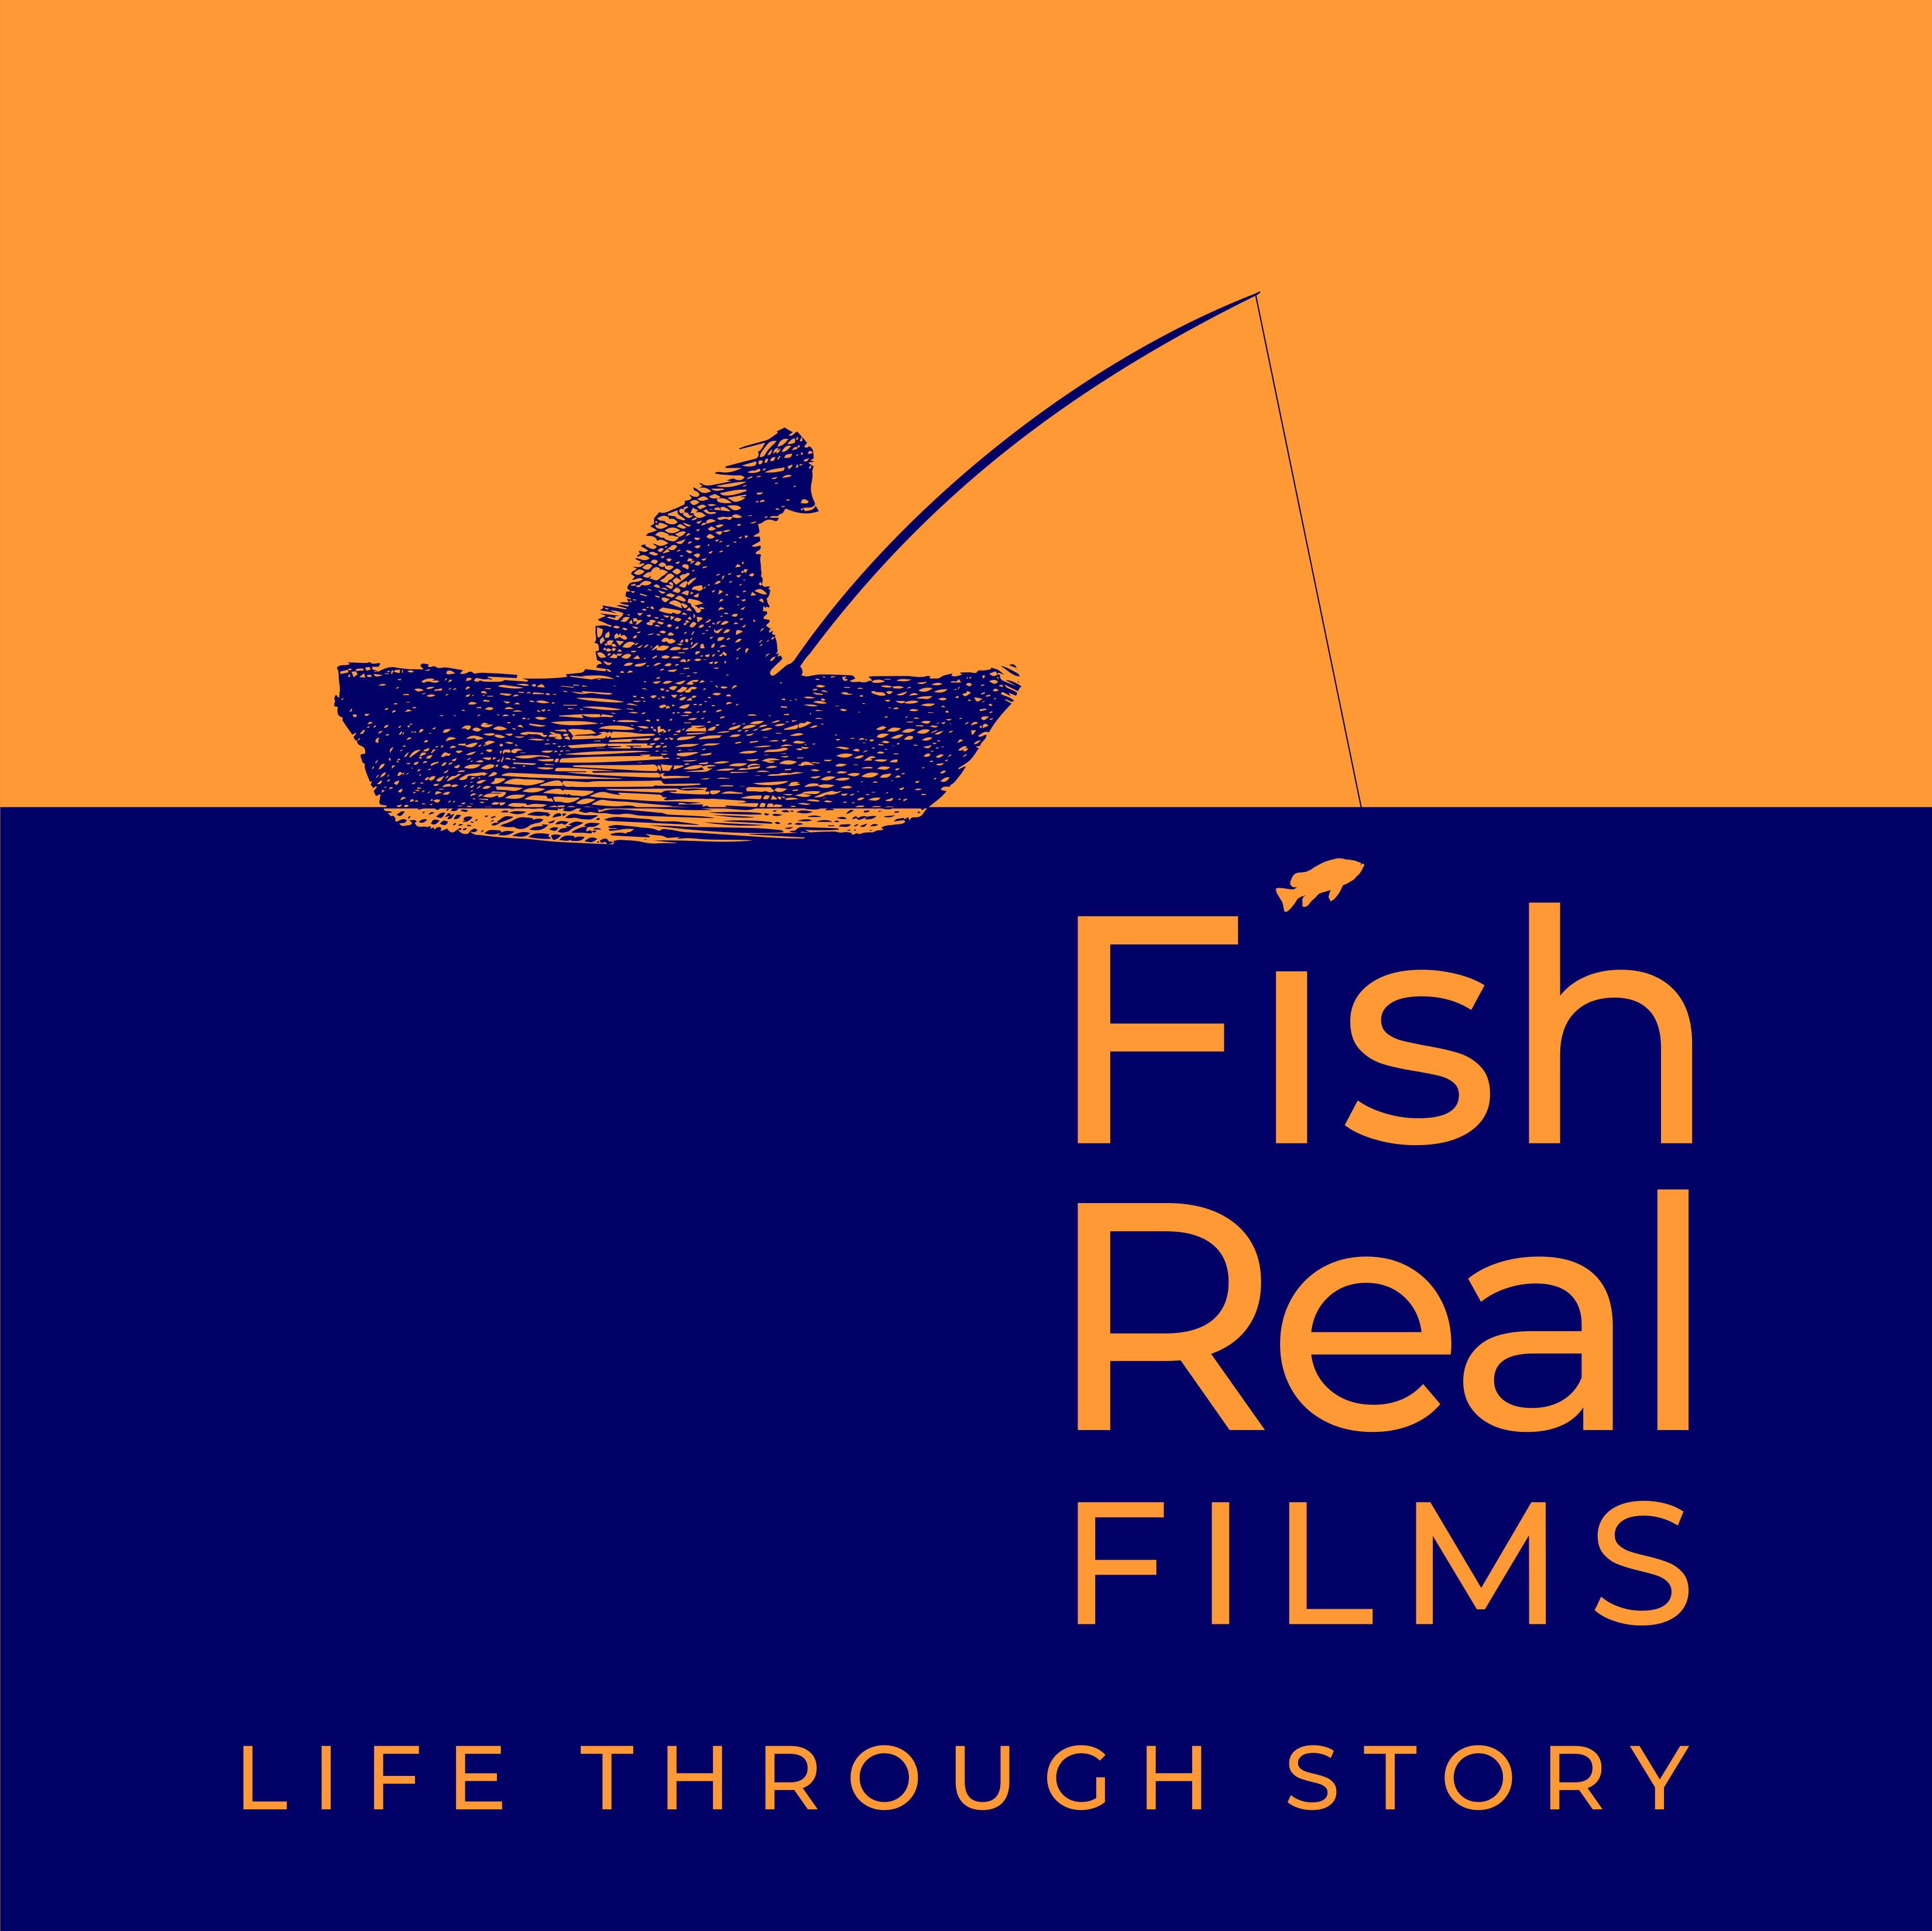 Film Company Logo Design